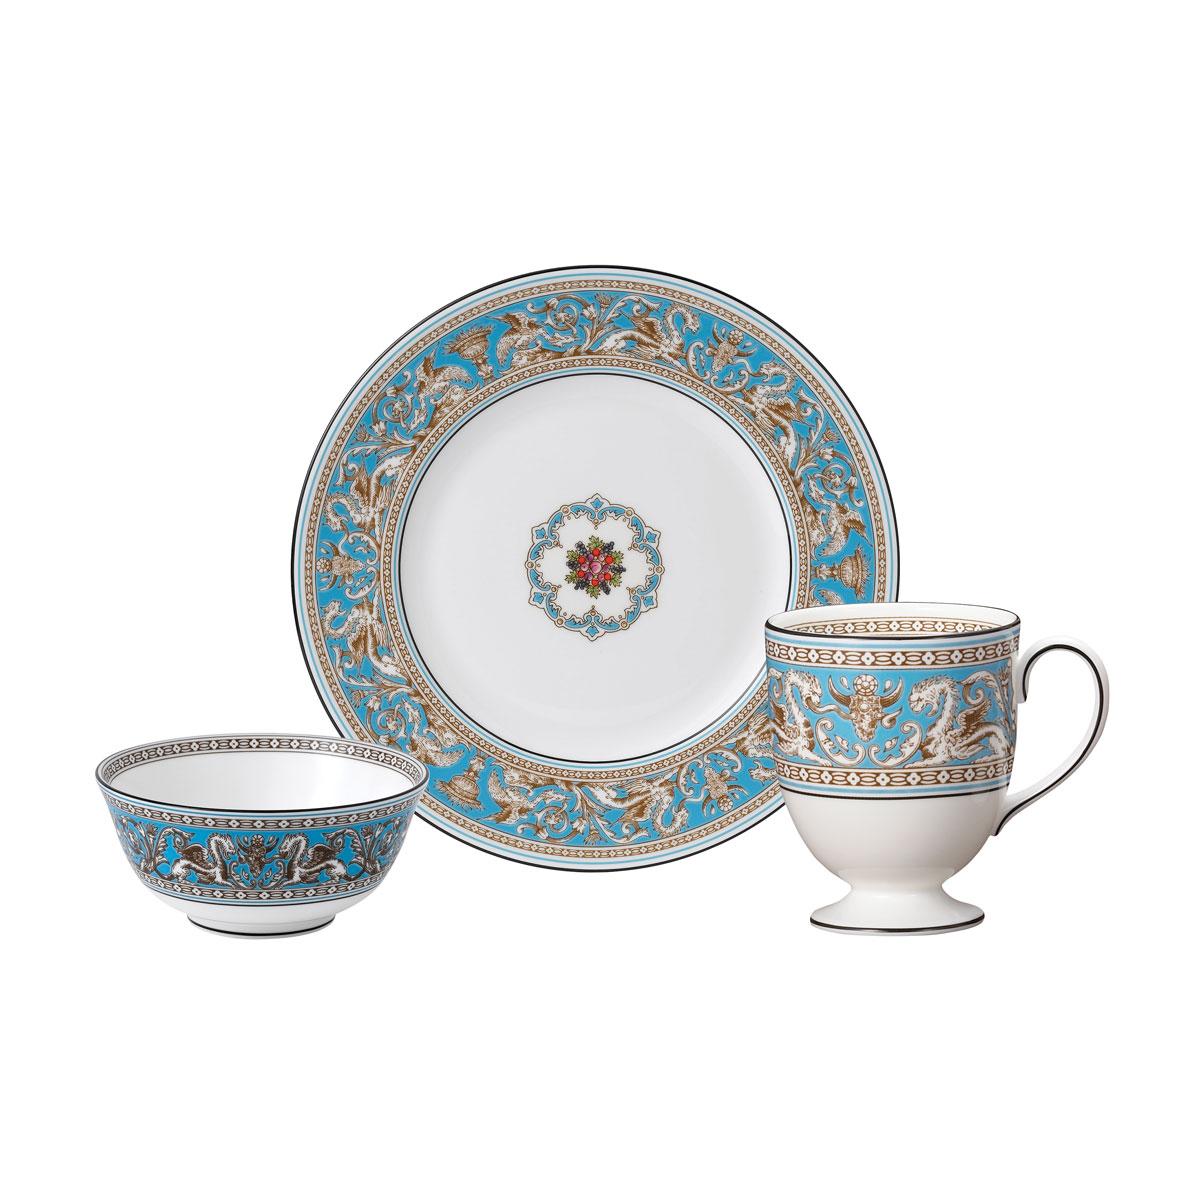 Wedgwood Florentine Turquoise Dining Set